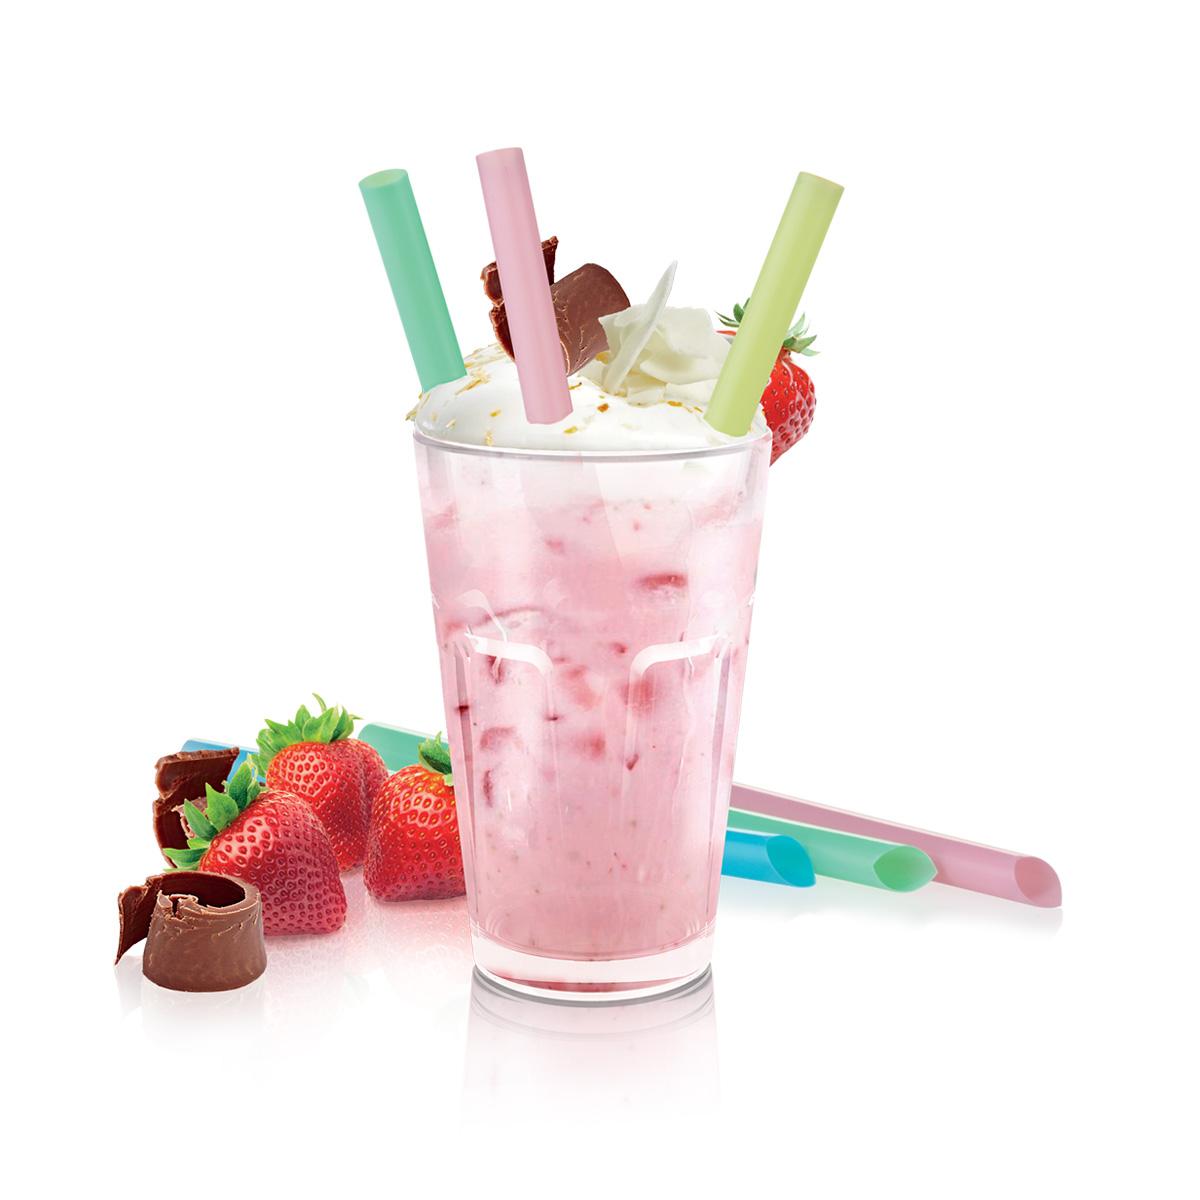 Slámky myDRINK, na jogurtové nápoje, 12 ks